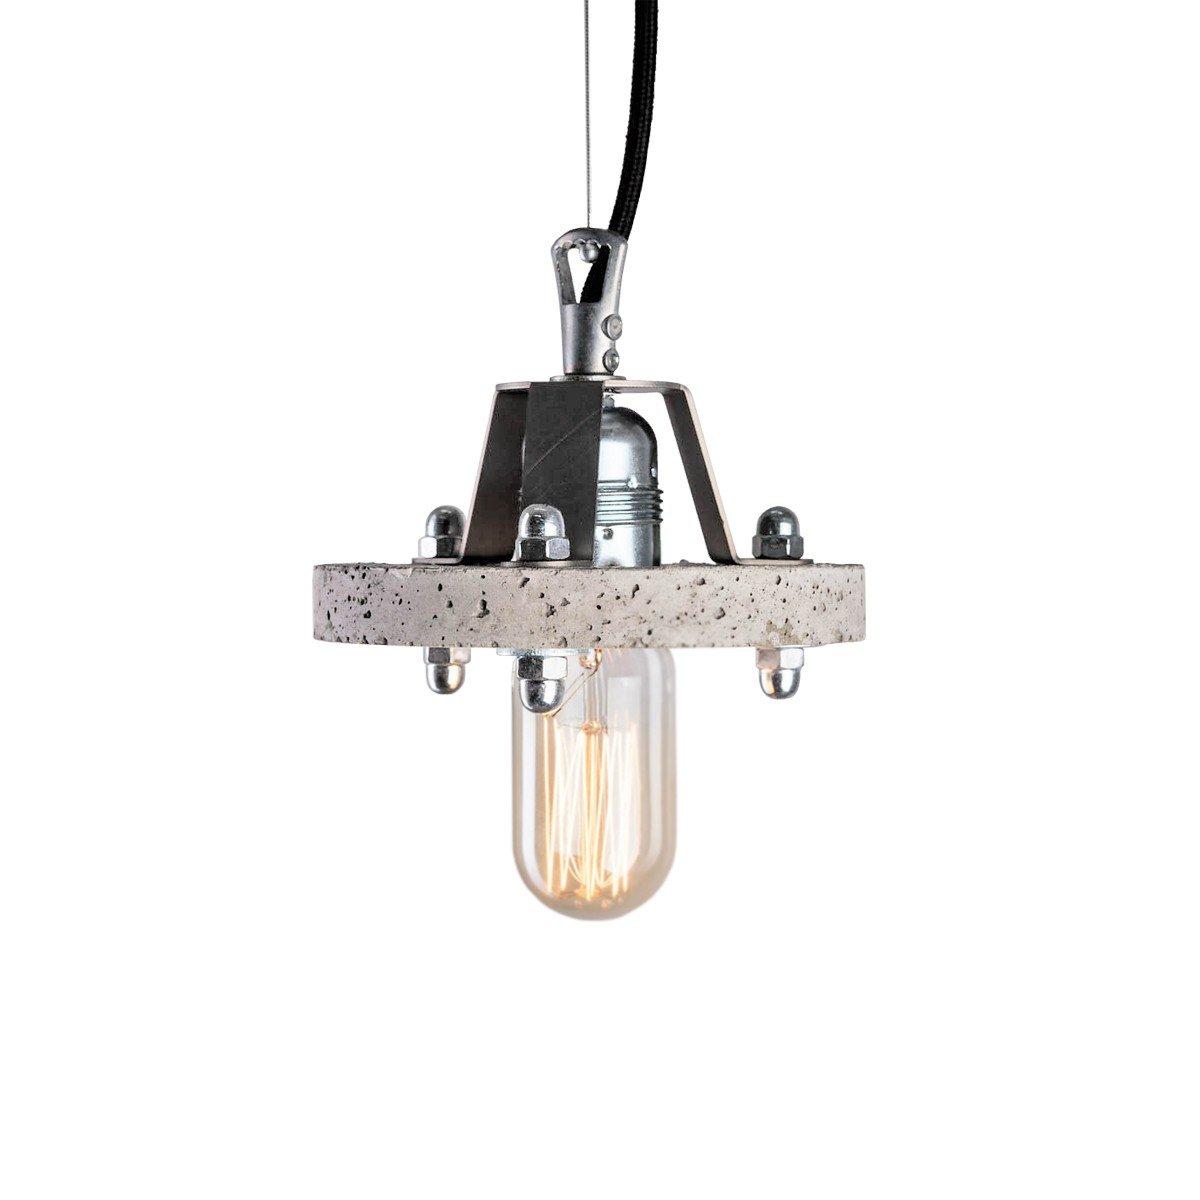 Levels 1A Lampe aus grauem Zement von Adrian Purga?